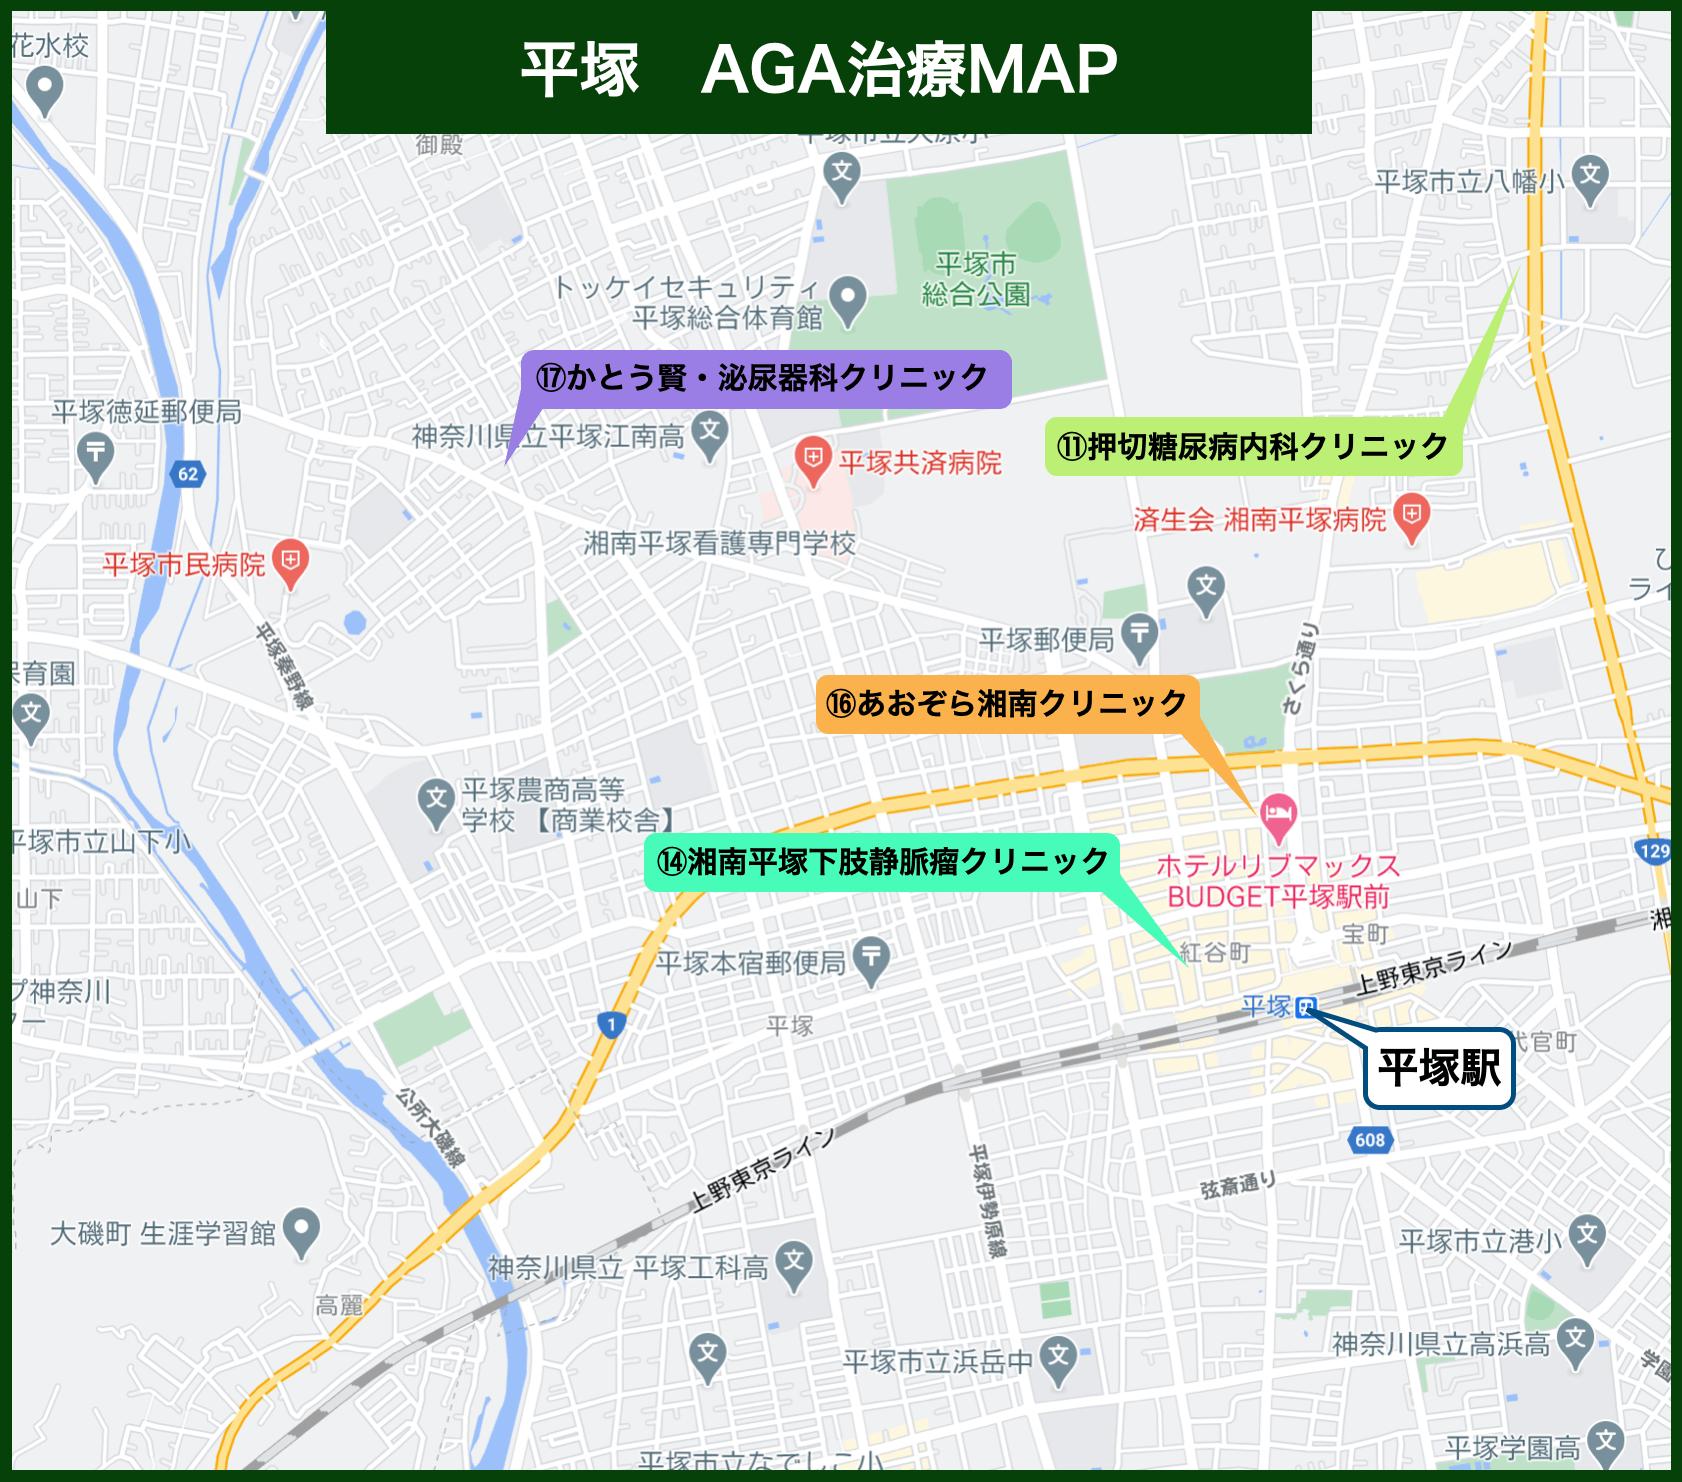 平塚 AGA治療MAP